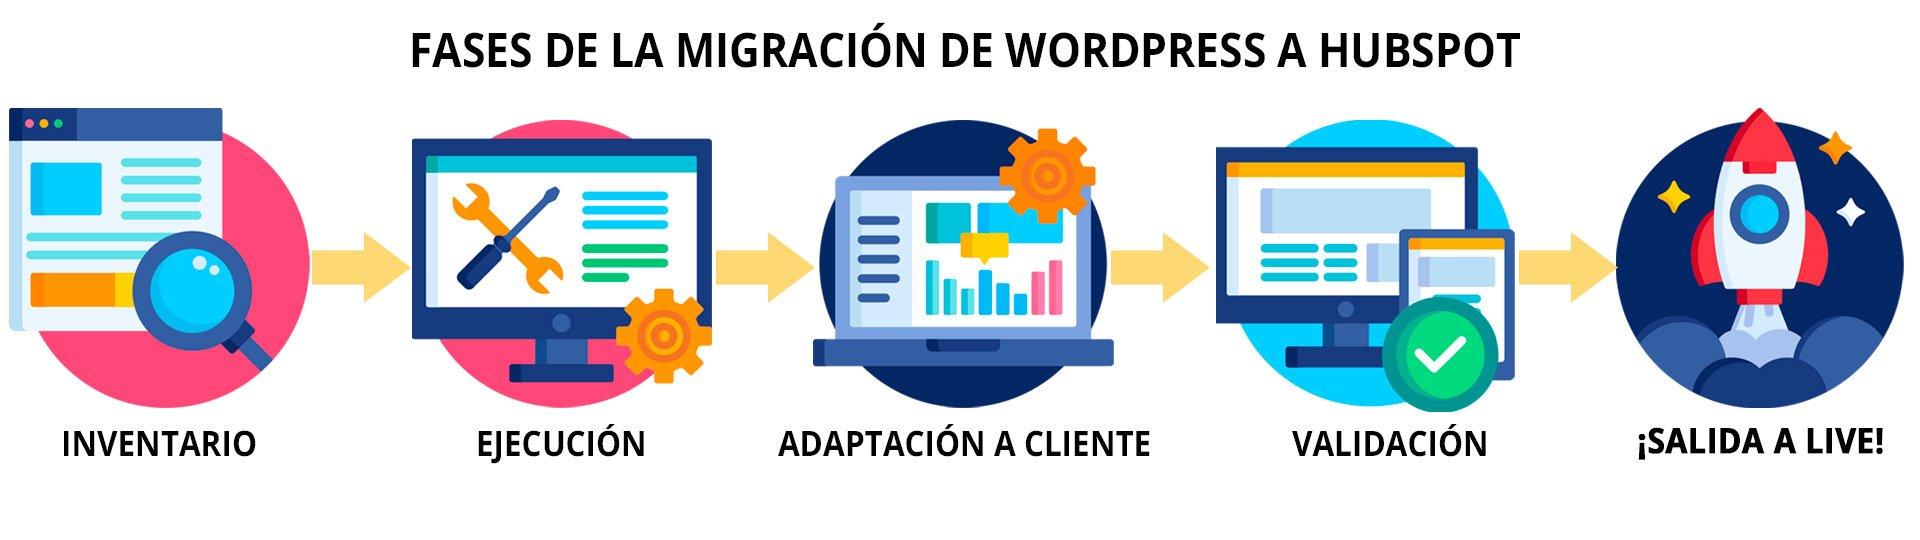 fases_migración_hubspot